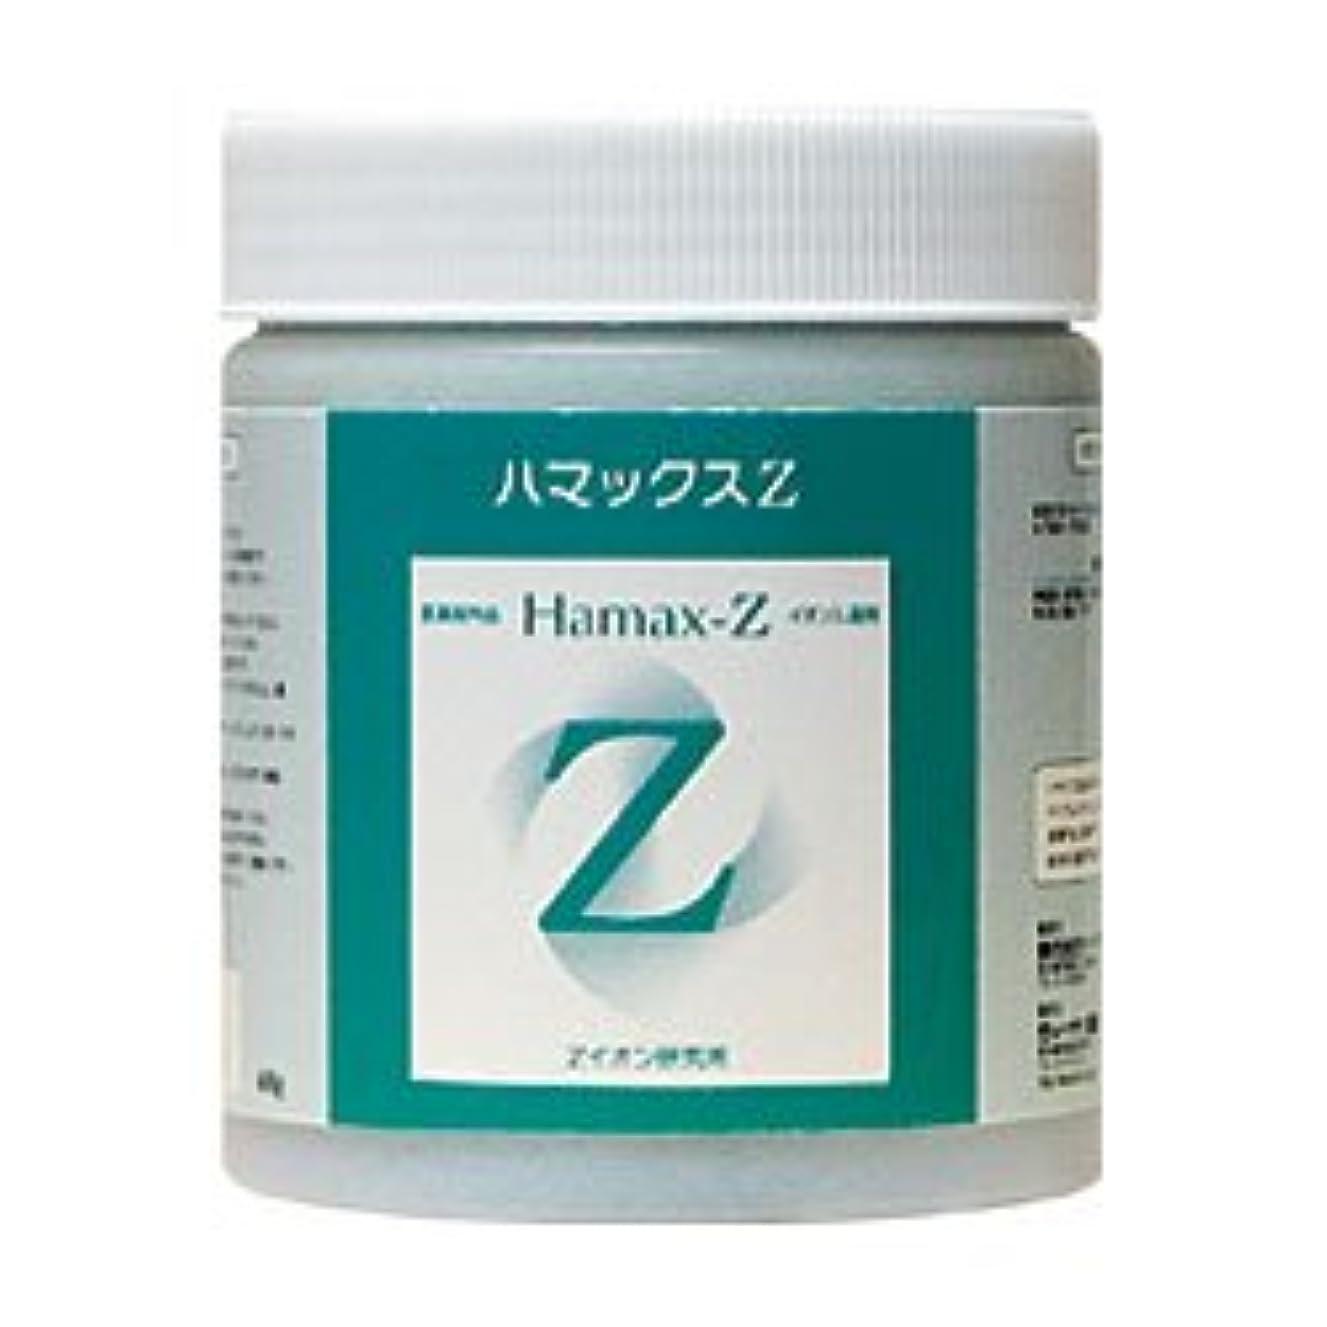 メッセンジャー負コーヒー医薬部外品 イオン入湯剤ハマックスZ 400g